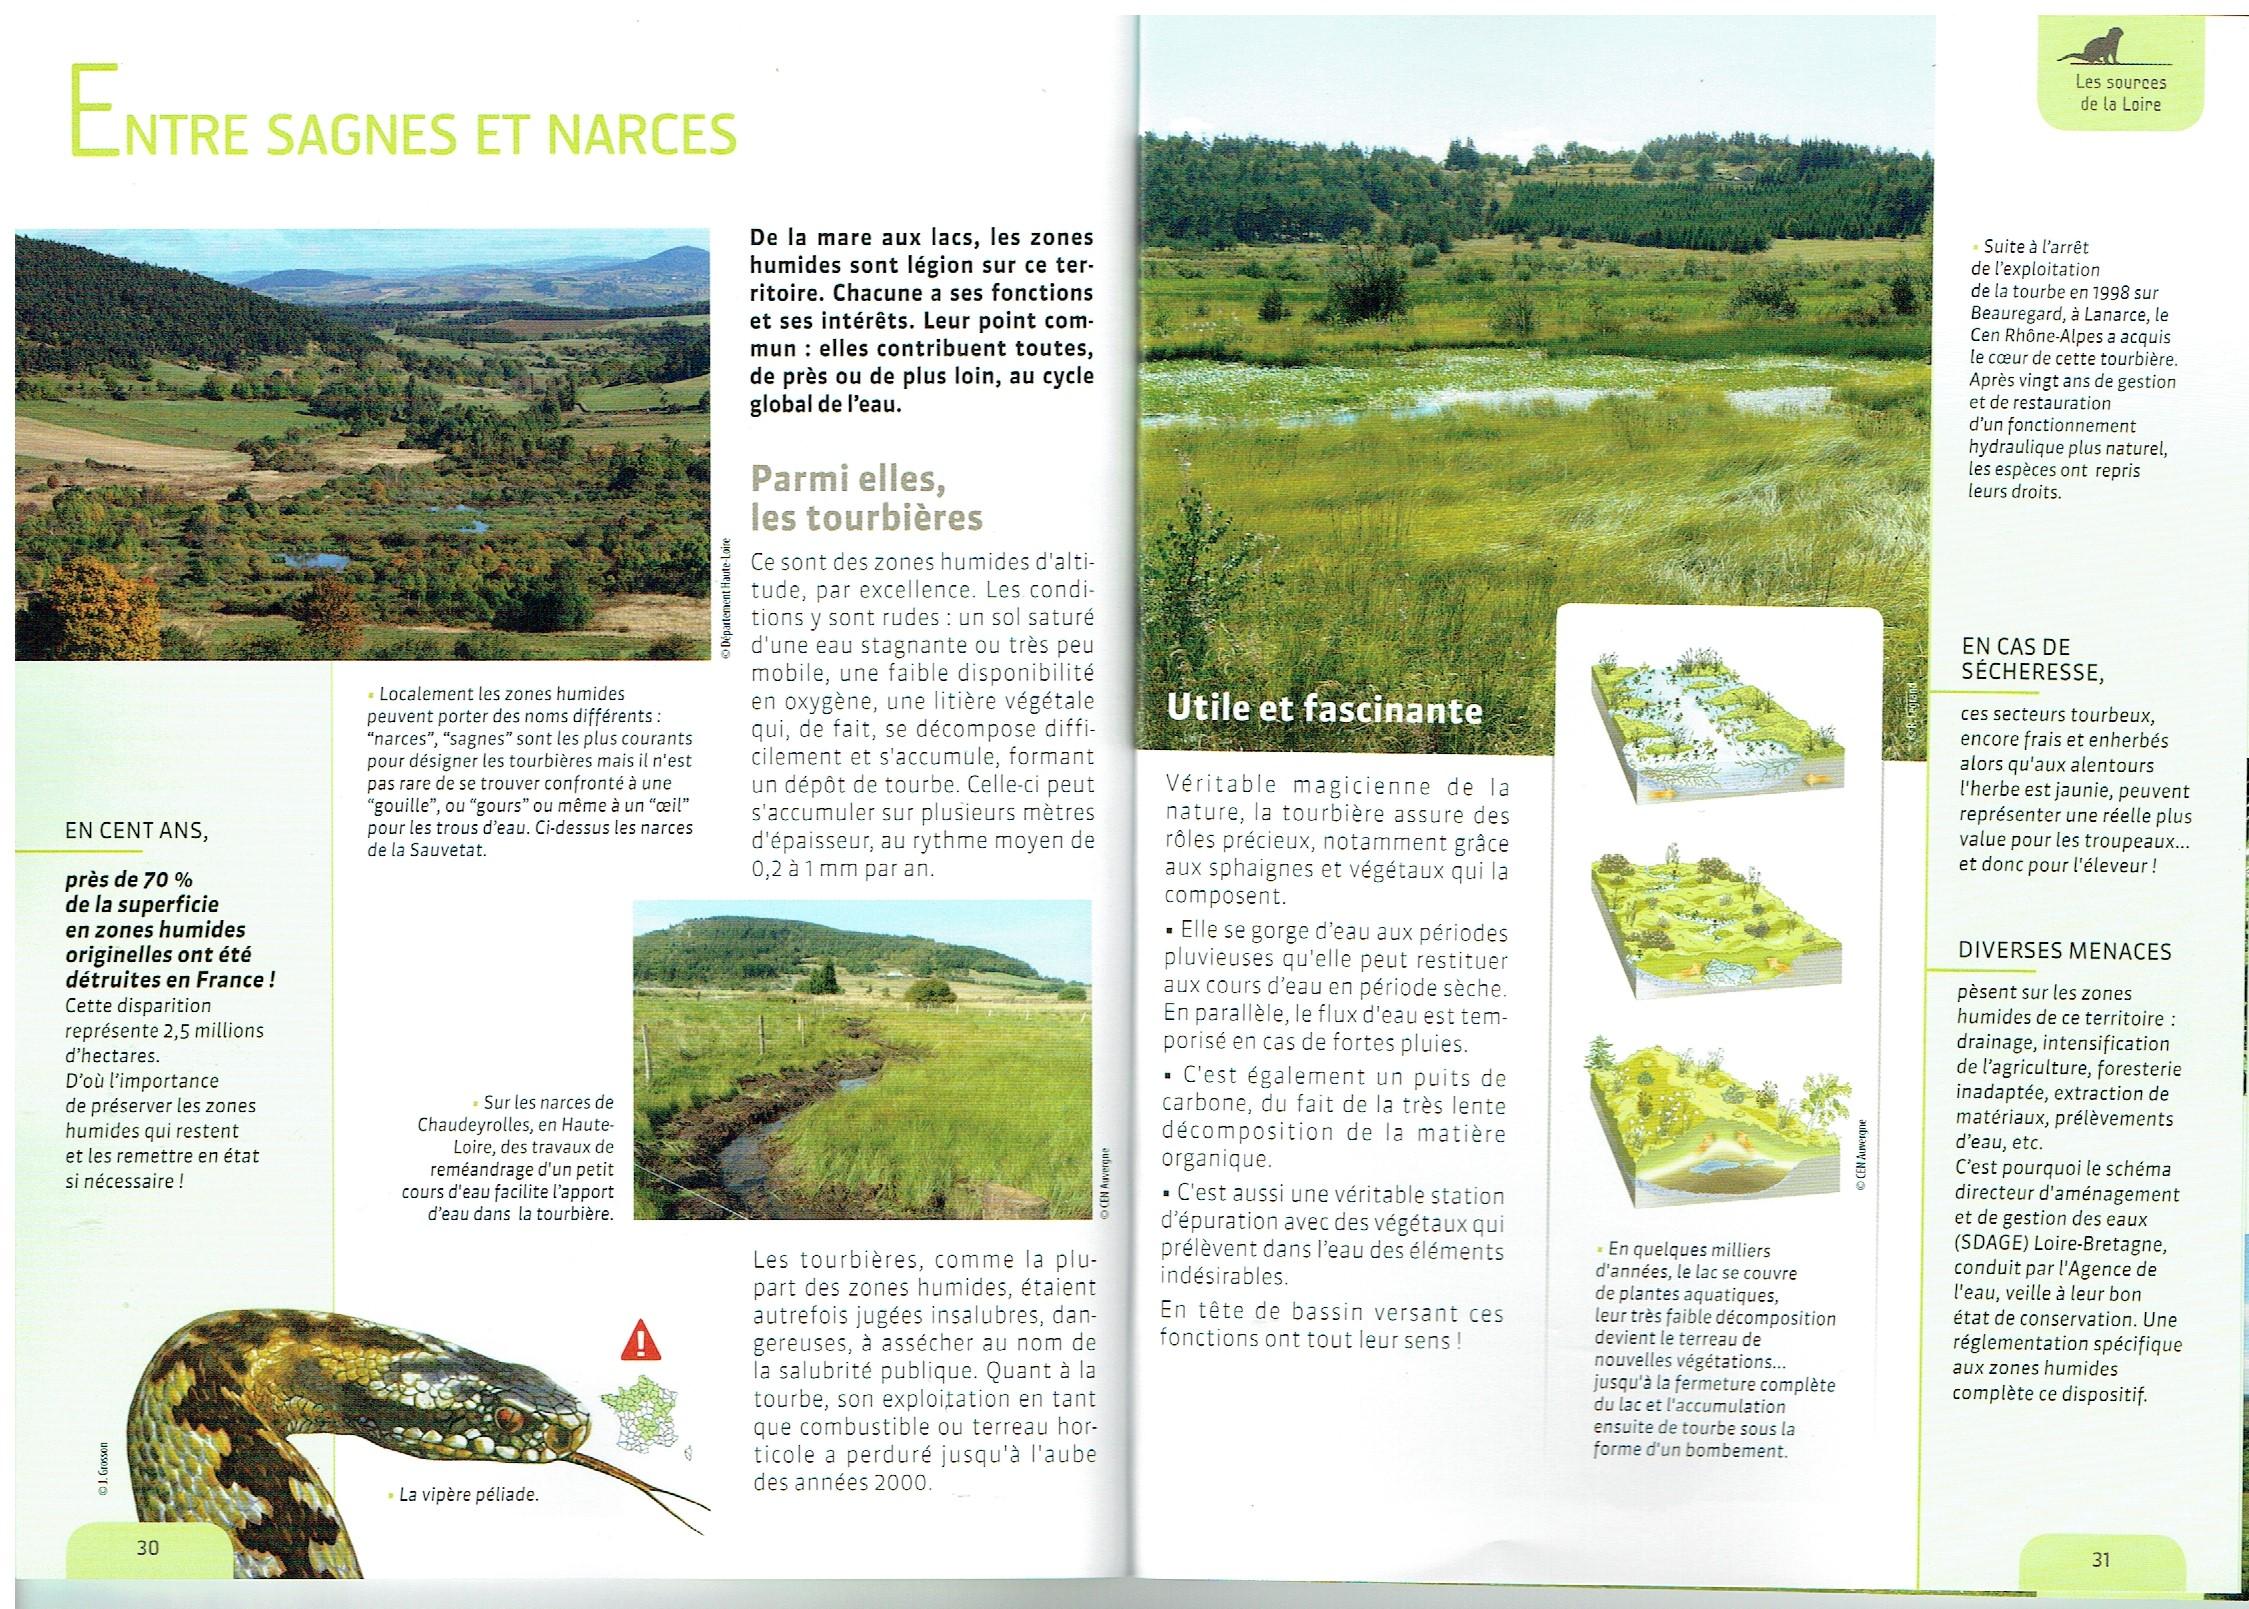 Guide rando pour découvrir la nature des monts d'Ardèche et de la Haute-Loire